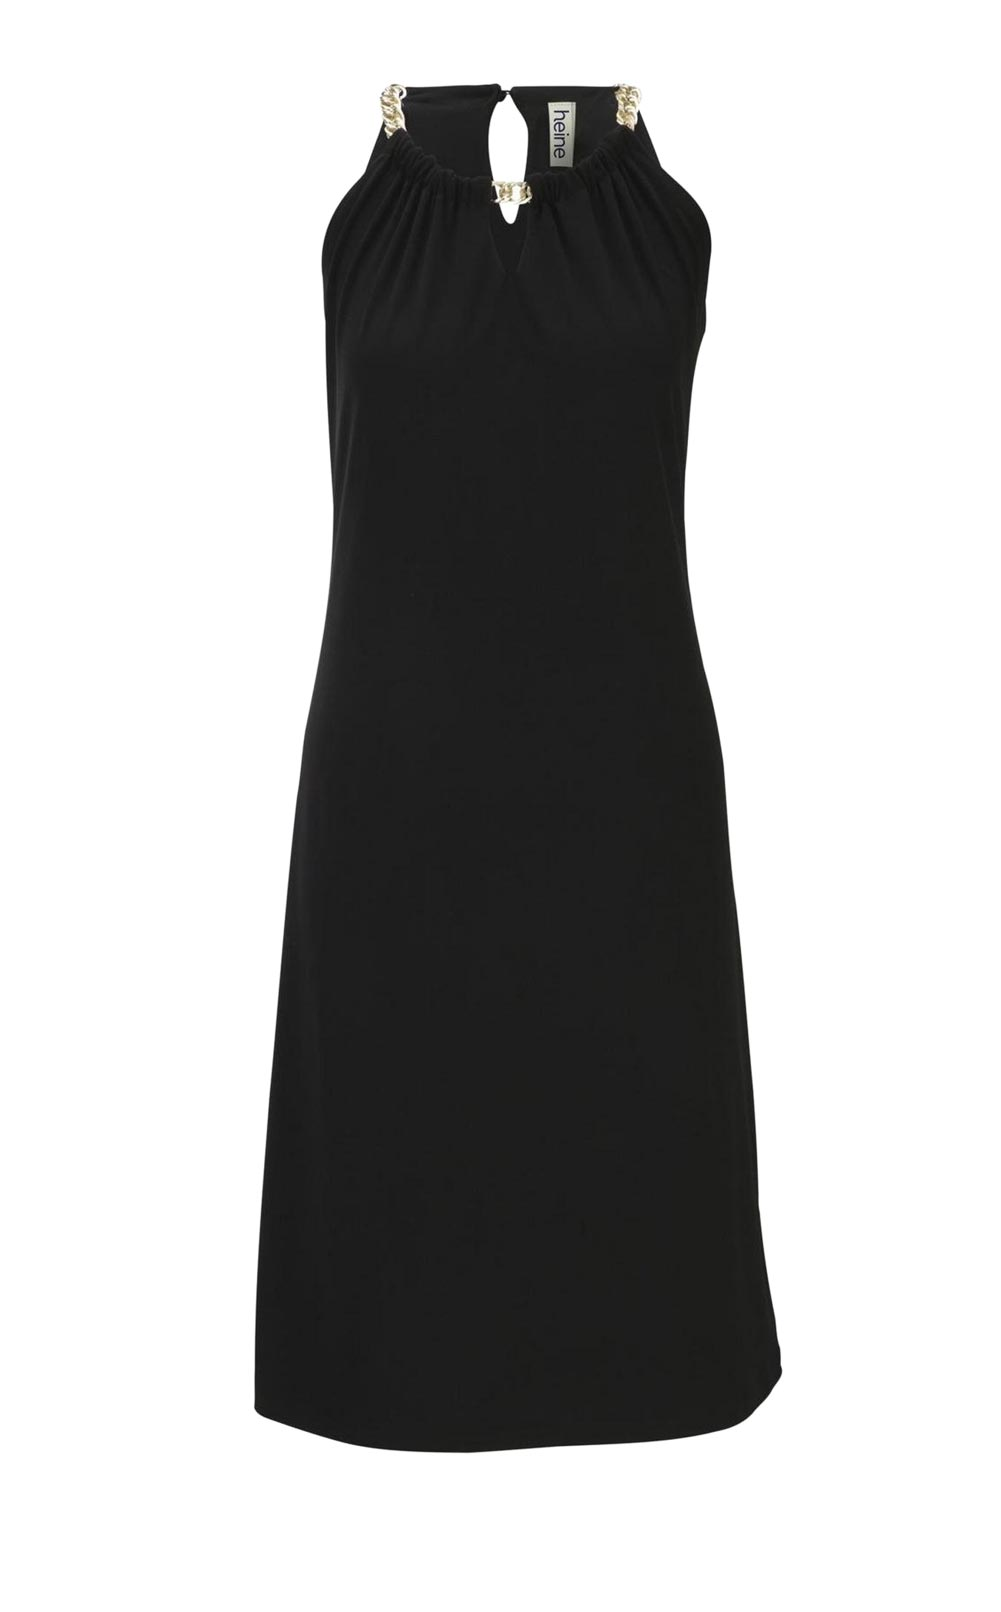 Heine Kleid mit Ketten, schwarz 433.140 Missforty.de